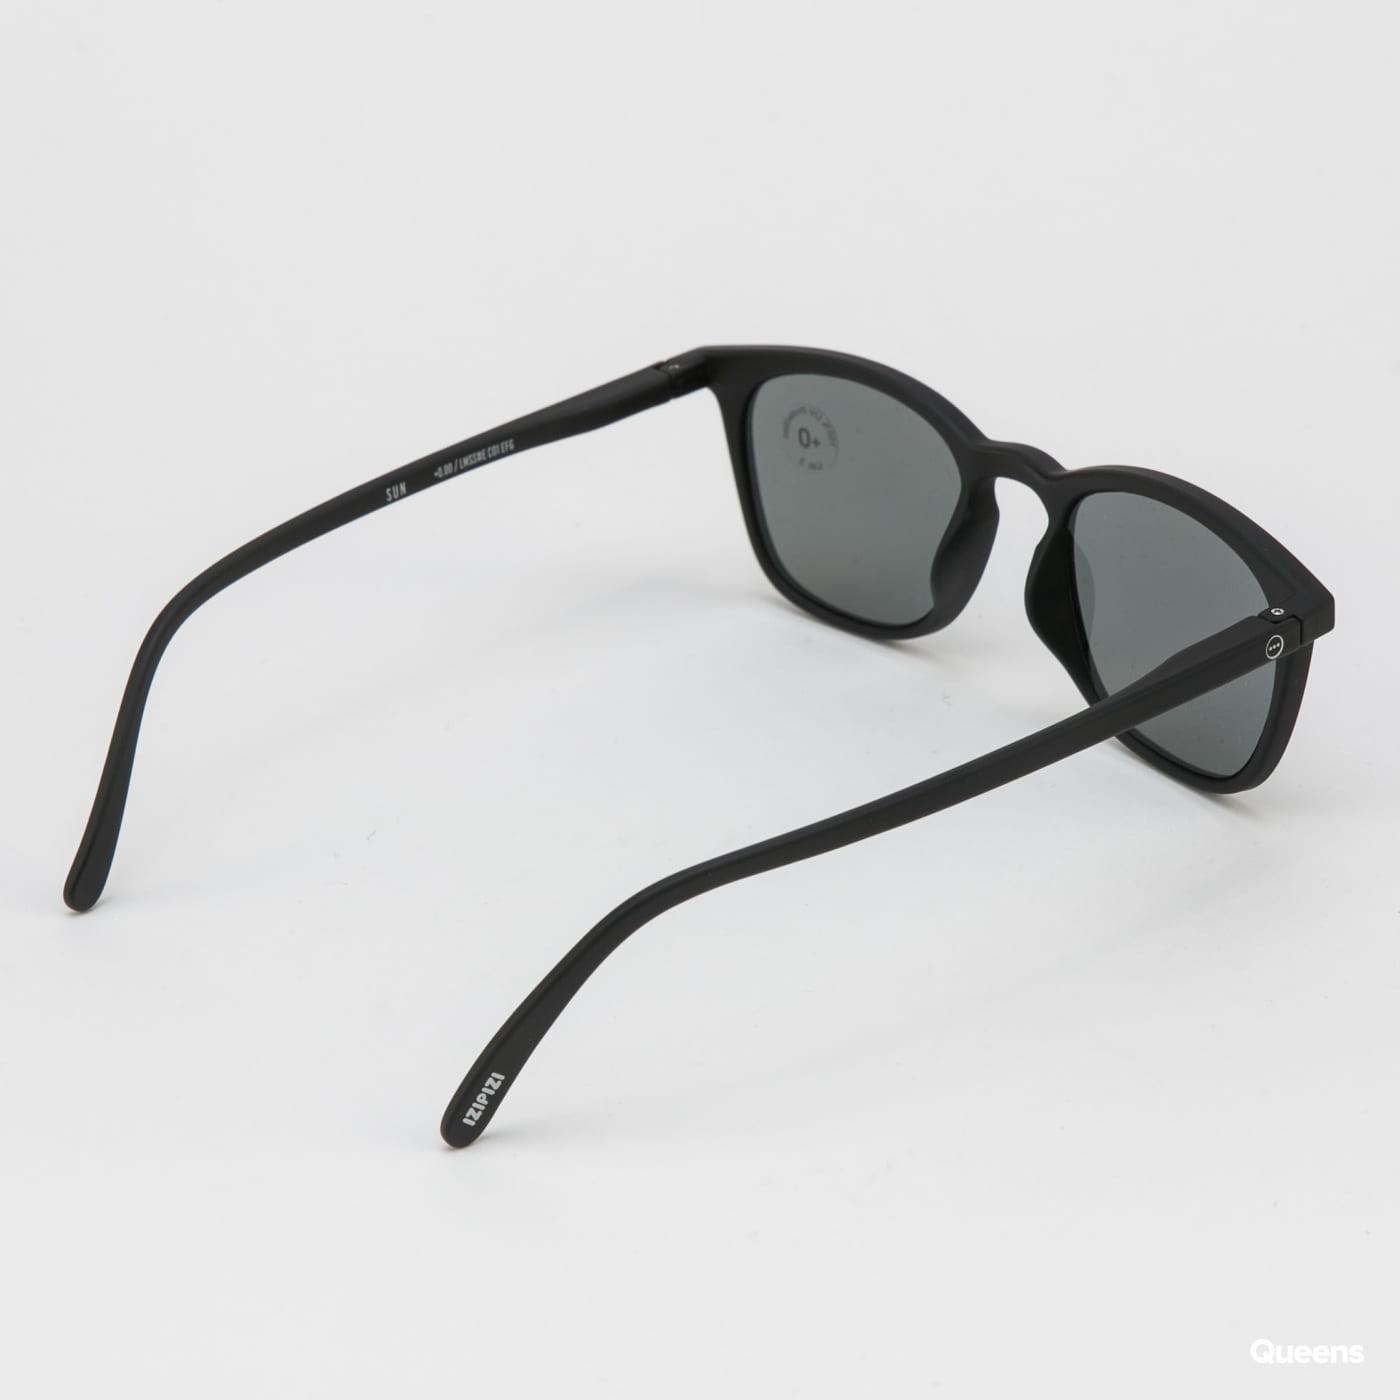 IZIPIZI Sunglasses #E černé